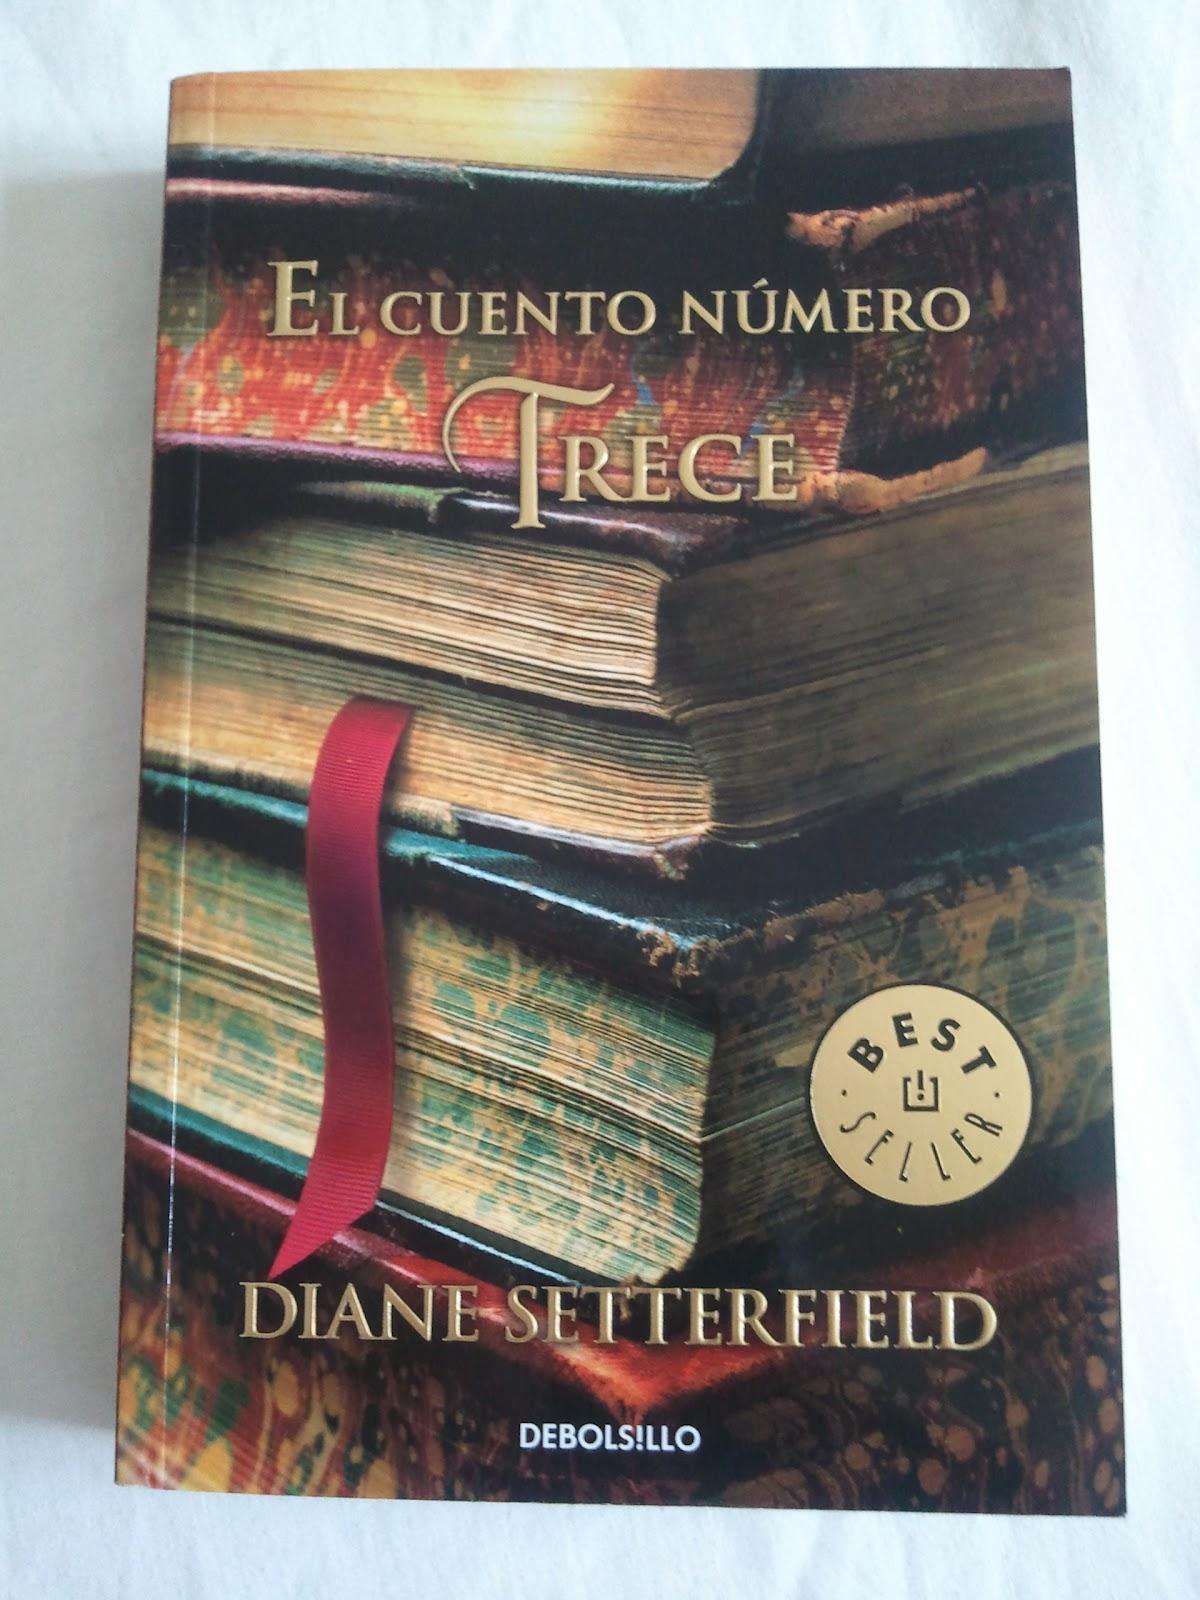 Viviendo entre libros el cuento n mero 13 diane setterfield for El cuento numero trece